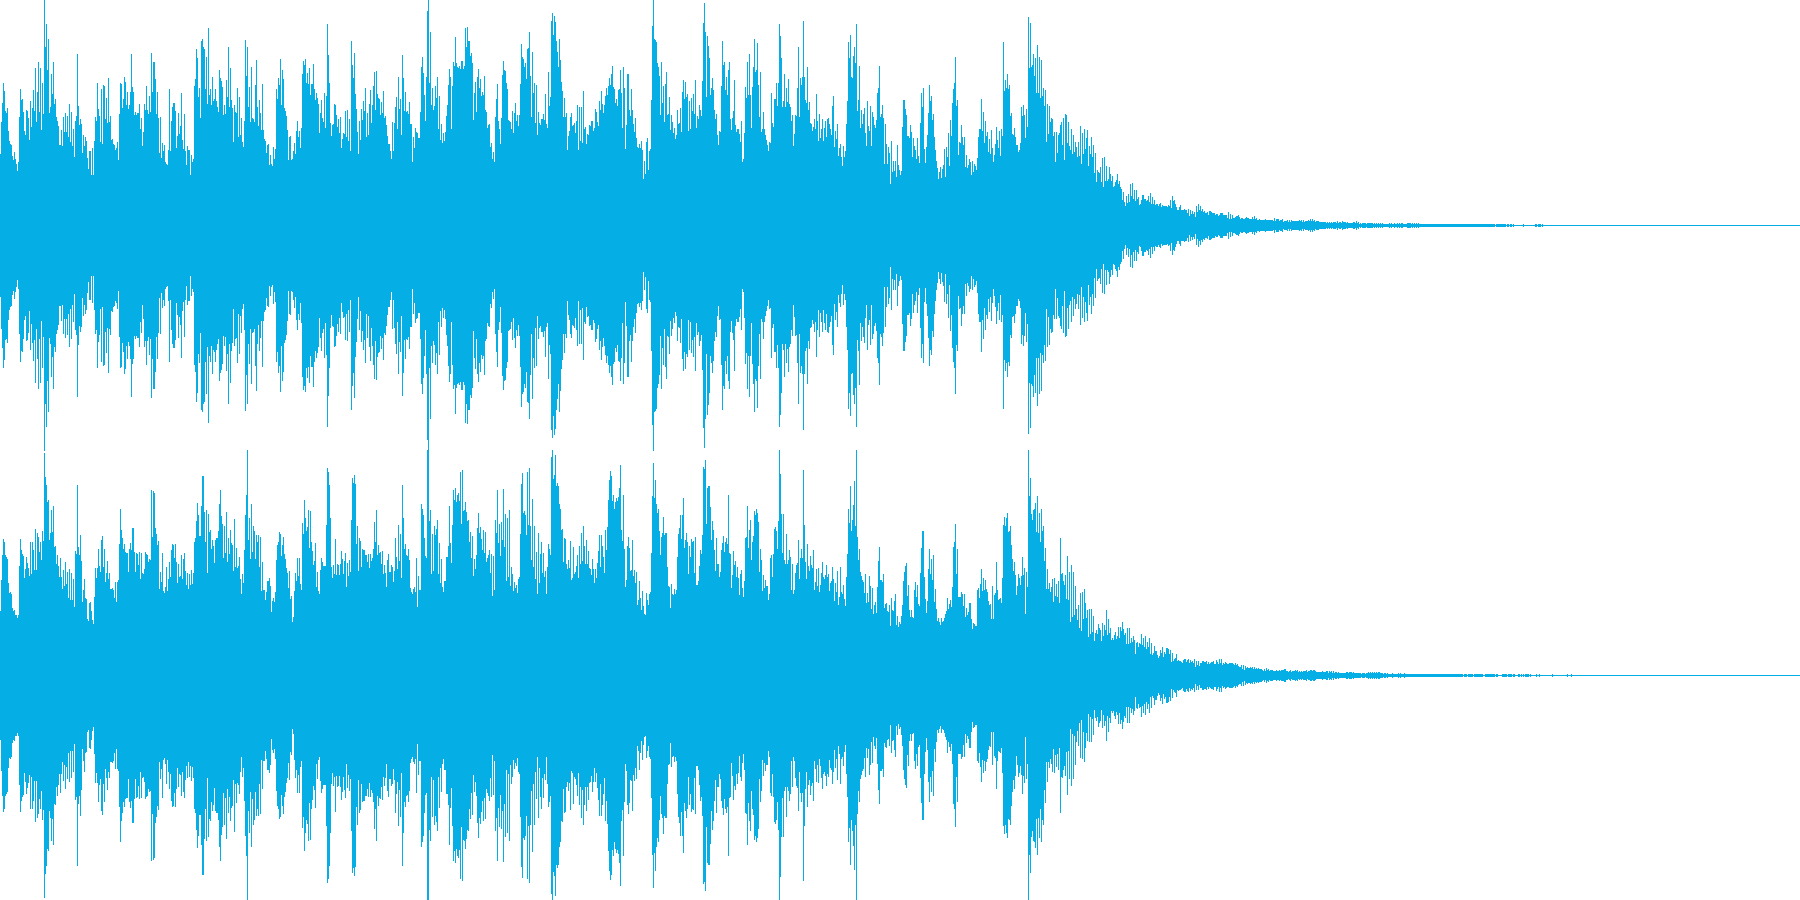 電車の発車メロディーみたいなジングルの再生済みの波形